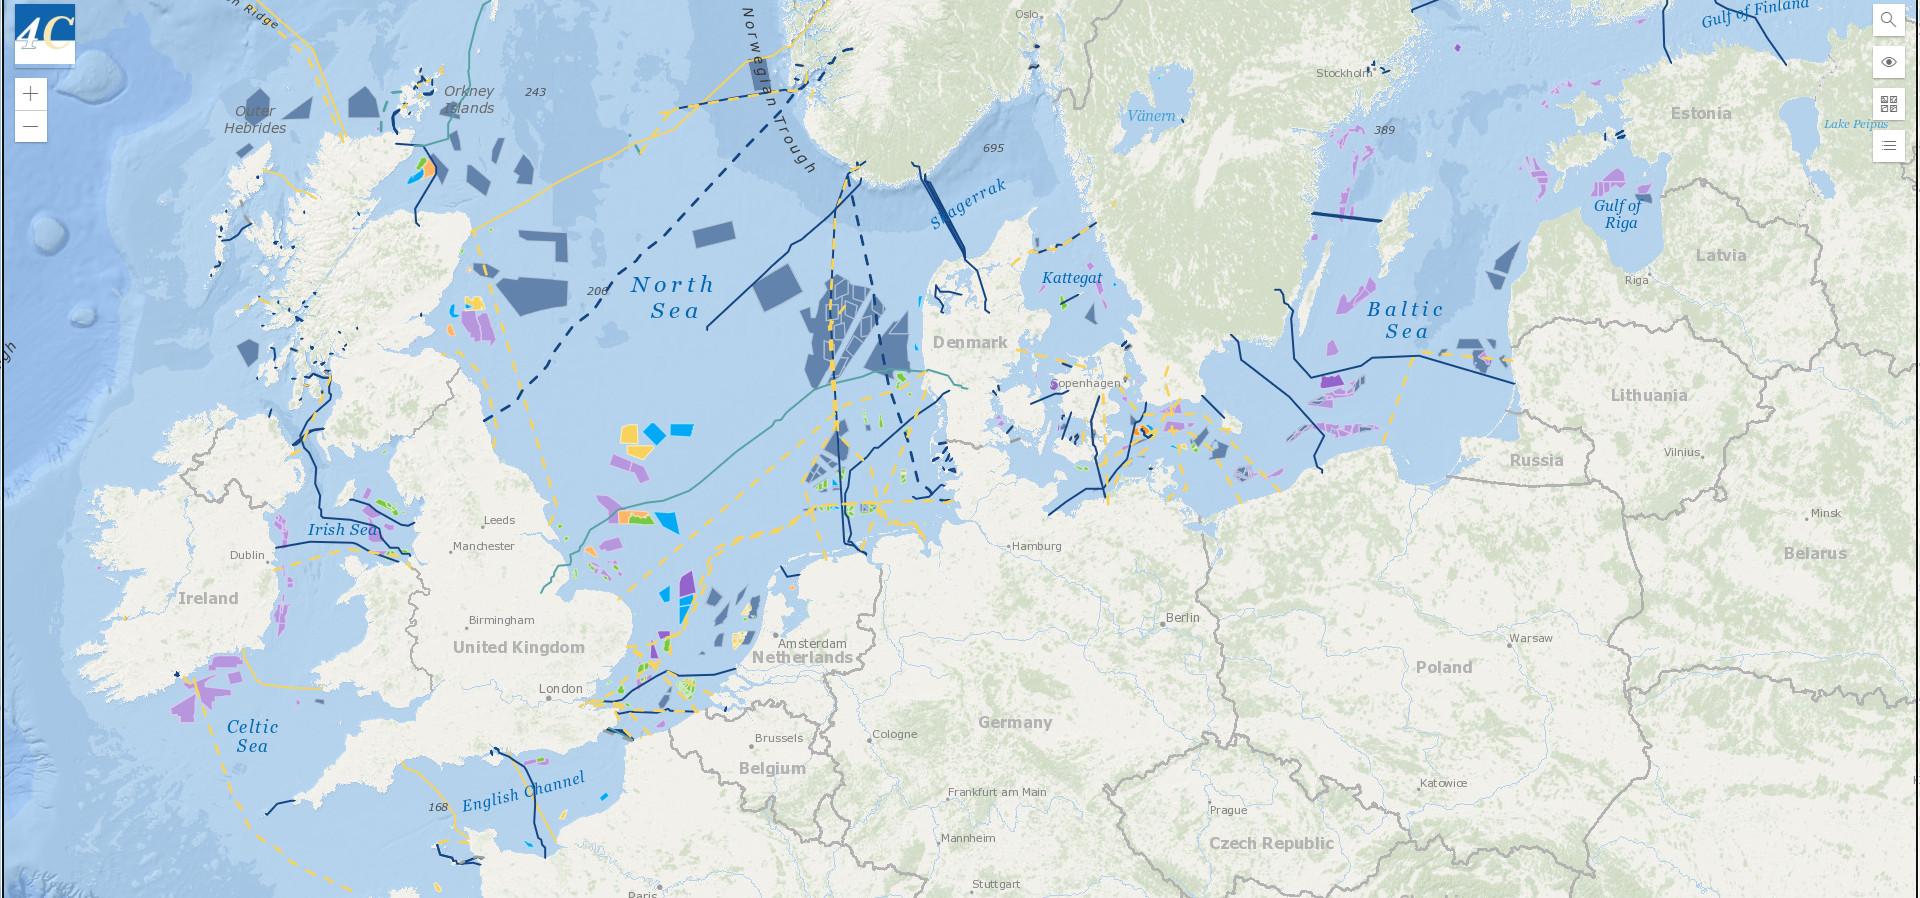 Cartina Italia Interattiva Html.4c Offshore Mappa Interattiva Di Parchi Eolici Offshore E Cavi Sottomarini Di Tutto Il Mondo Hardware Upgrade